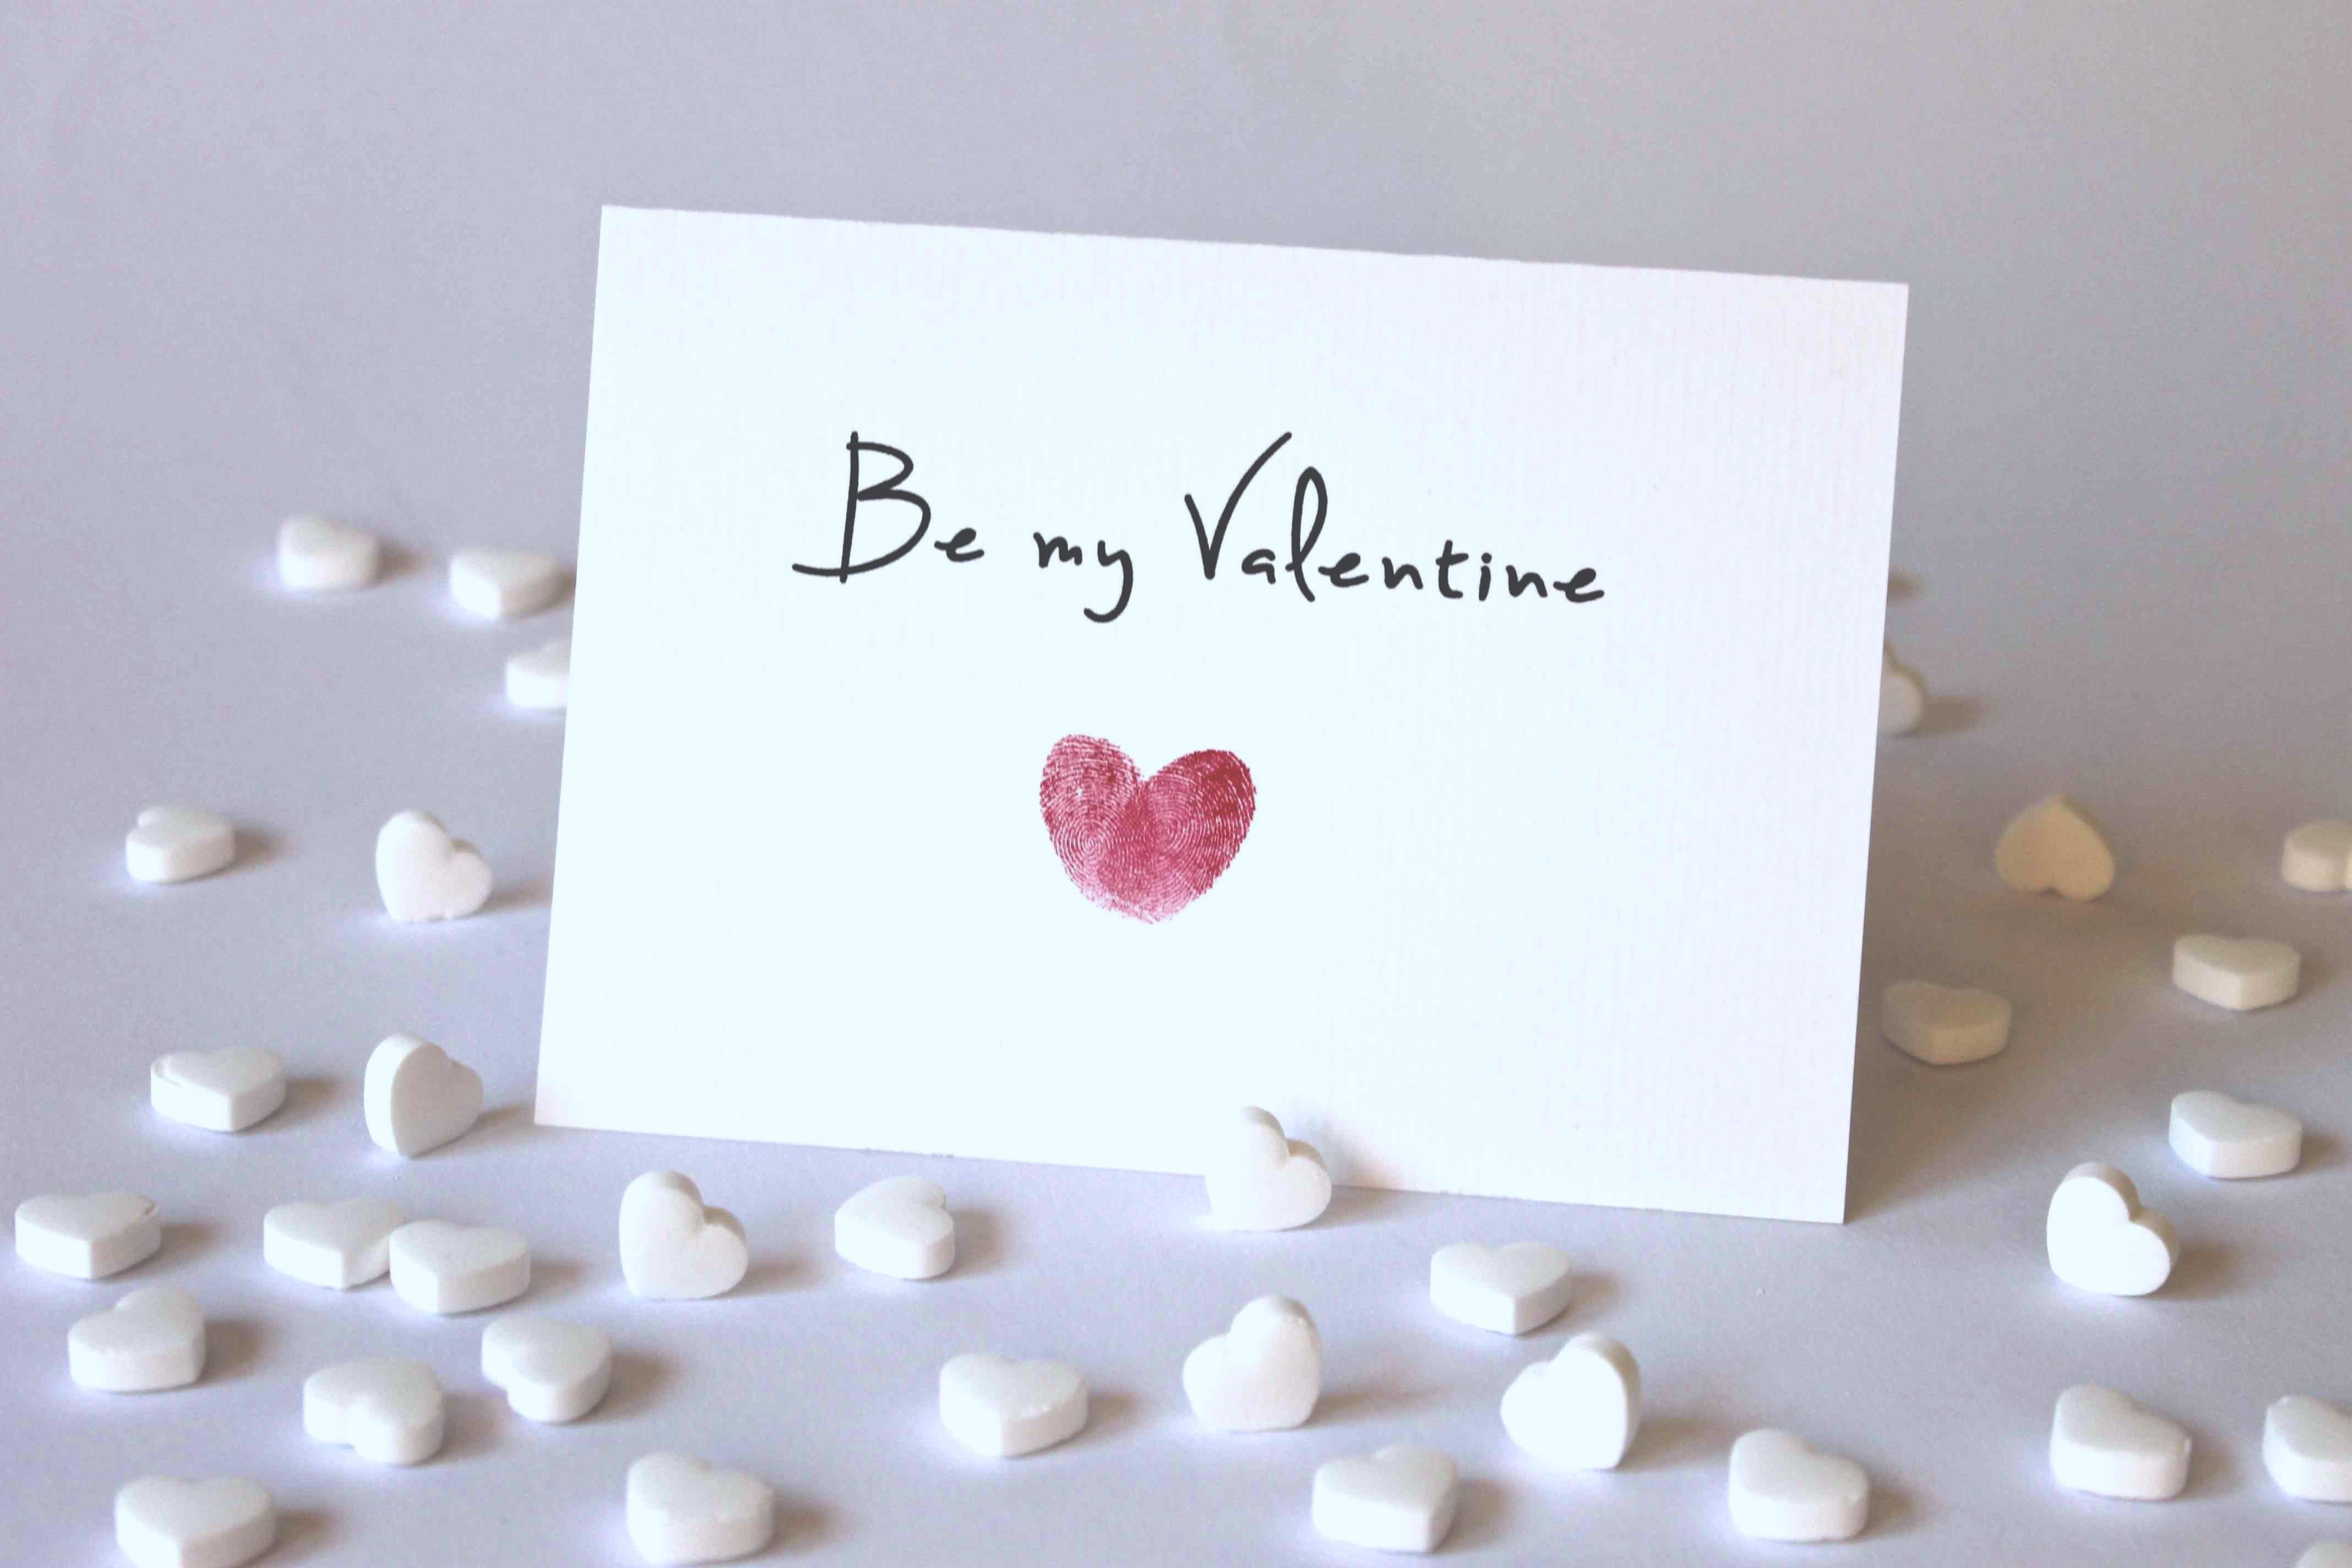 Valentinstag-Valentine-Herz-Freebie-soulsistermeetsfriends